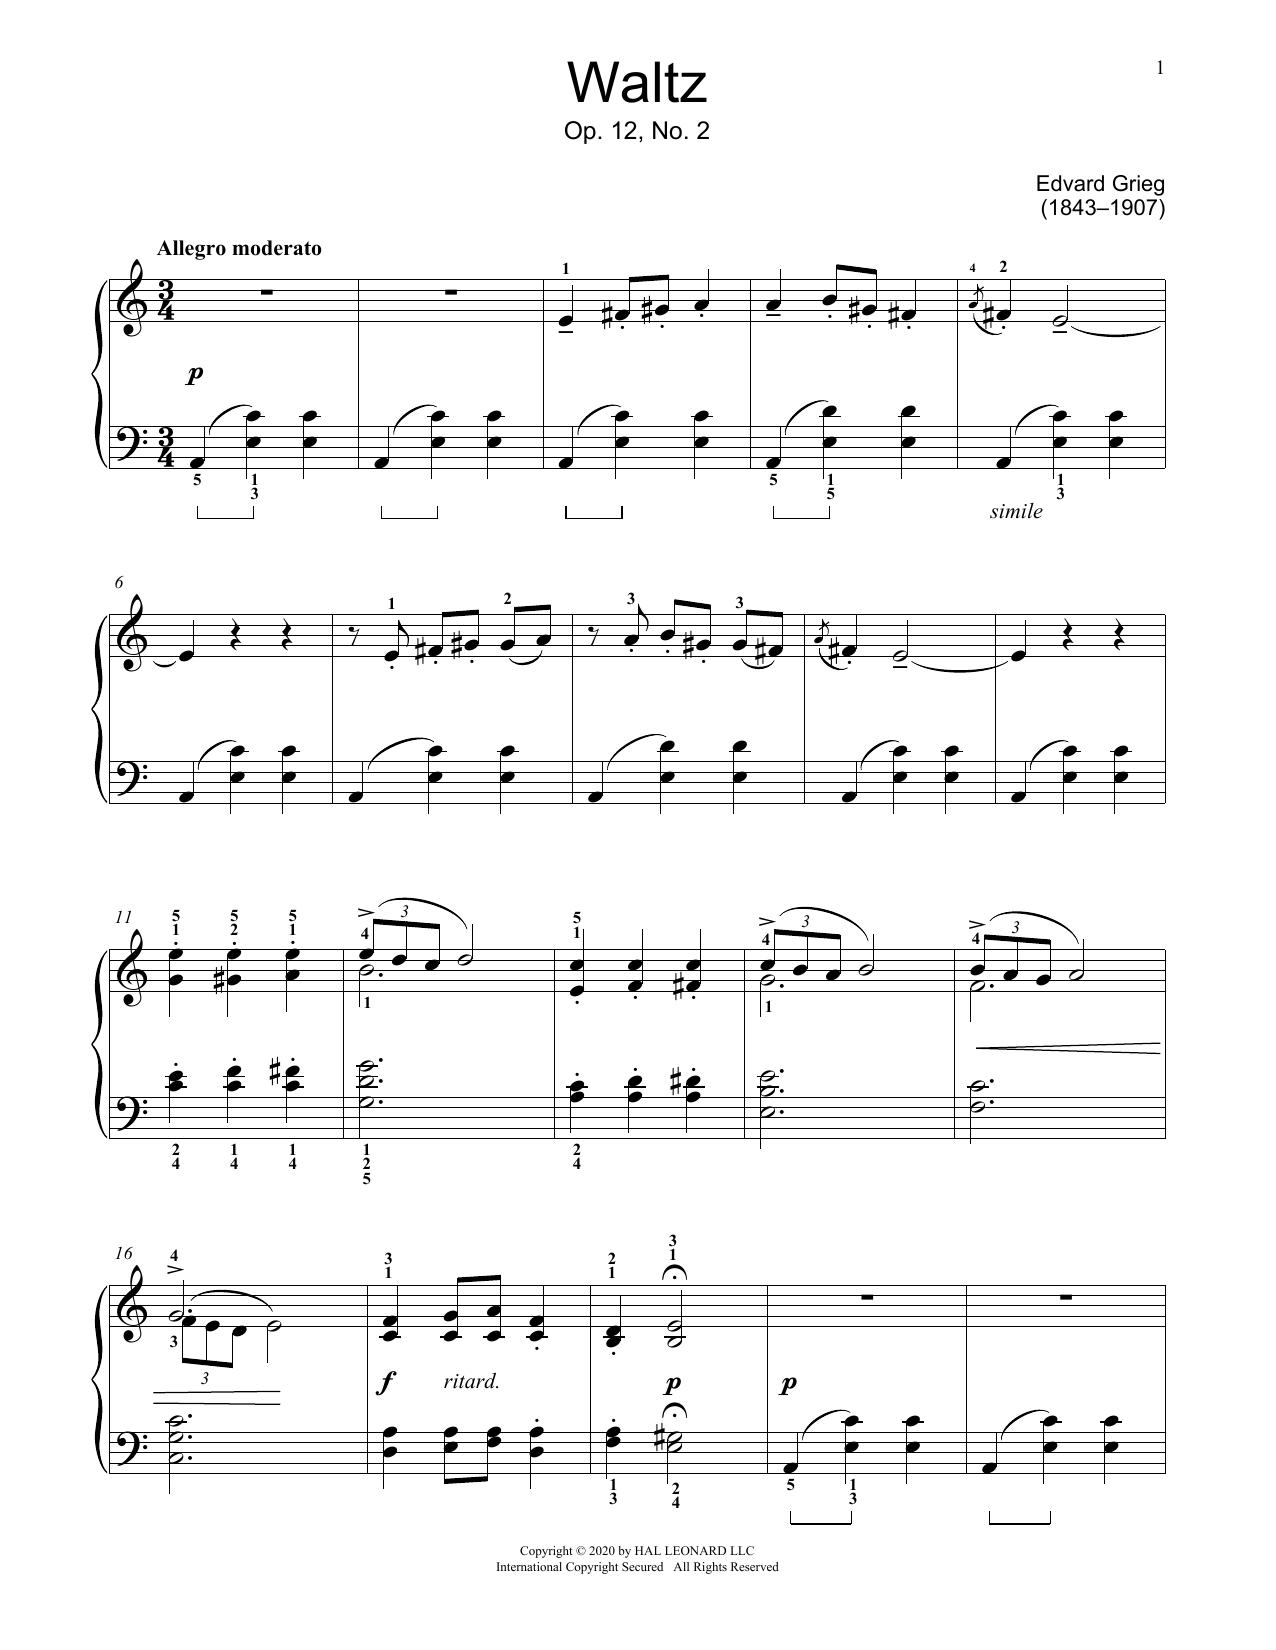 Waltz, Op. 12, No. 2 (Educational Piano)